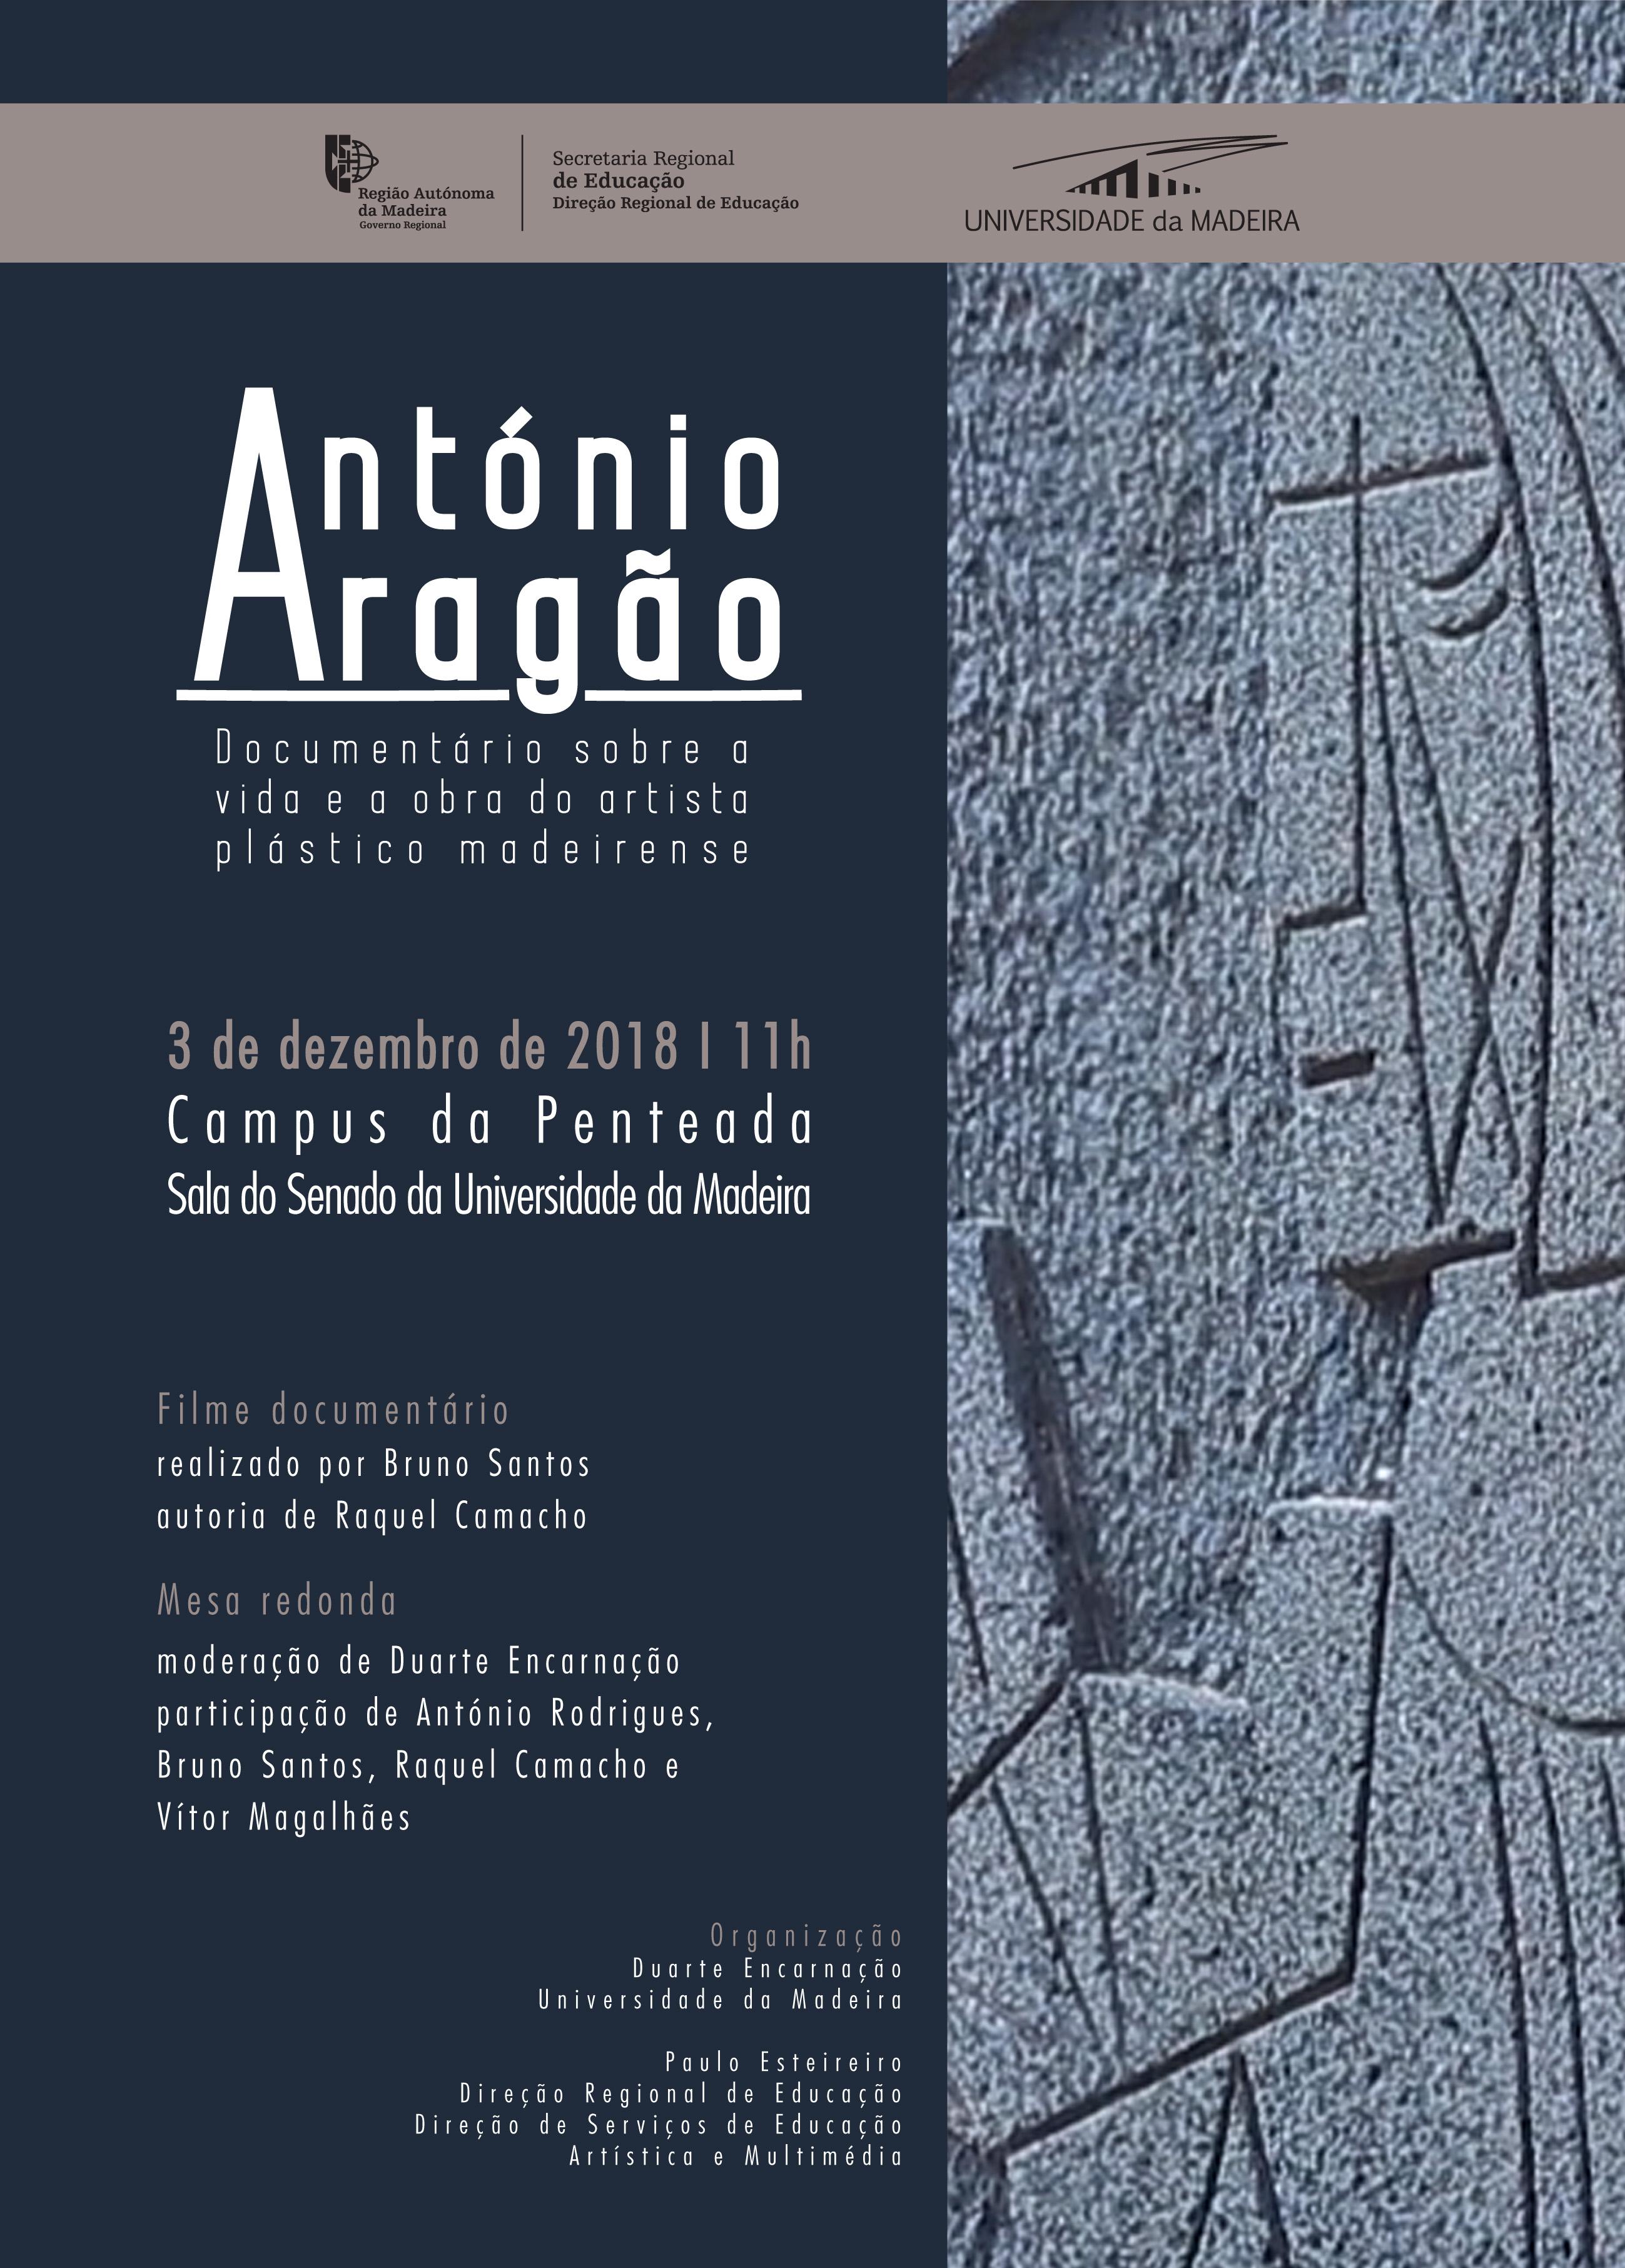 Documentário sobre António Aragão